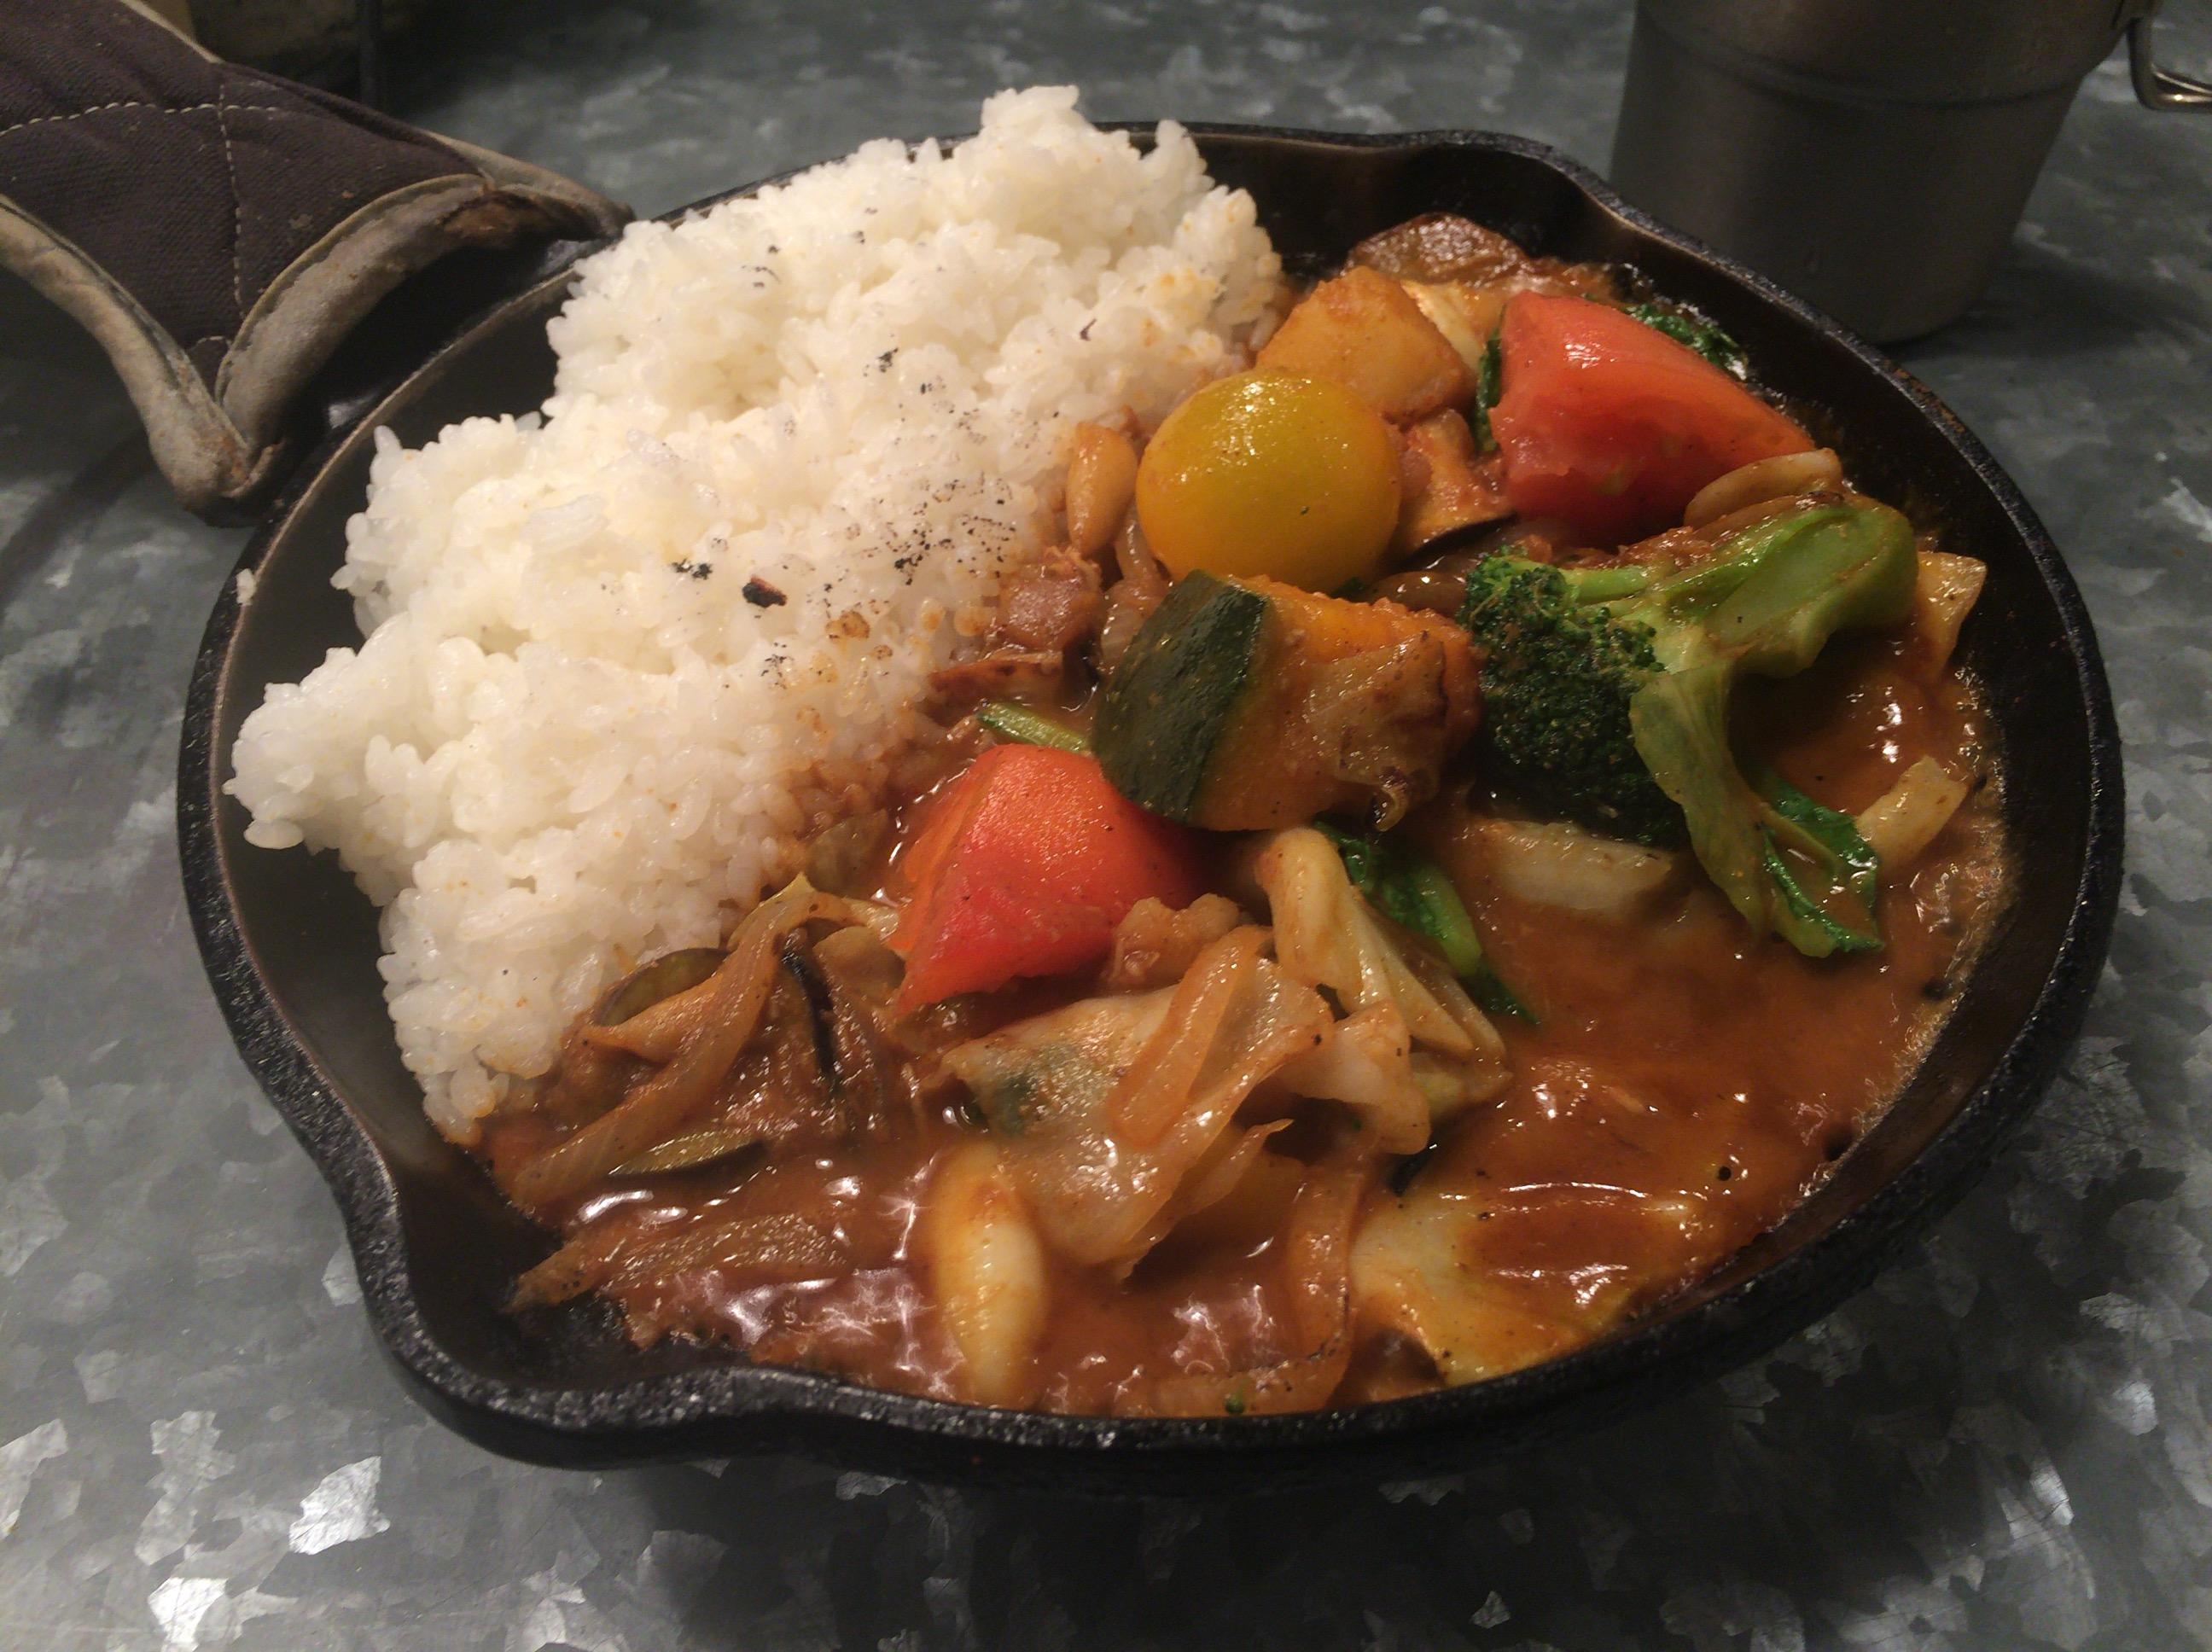 大阪に3店舗ある『ライブ感』を味わえる1日分の野菜を食べれるcampカレー‼︎